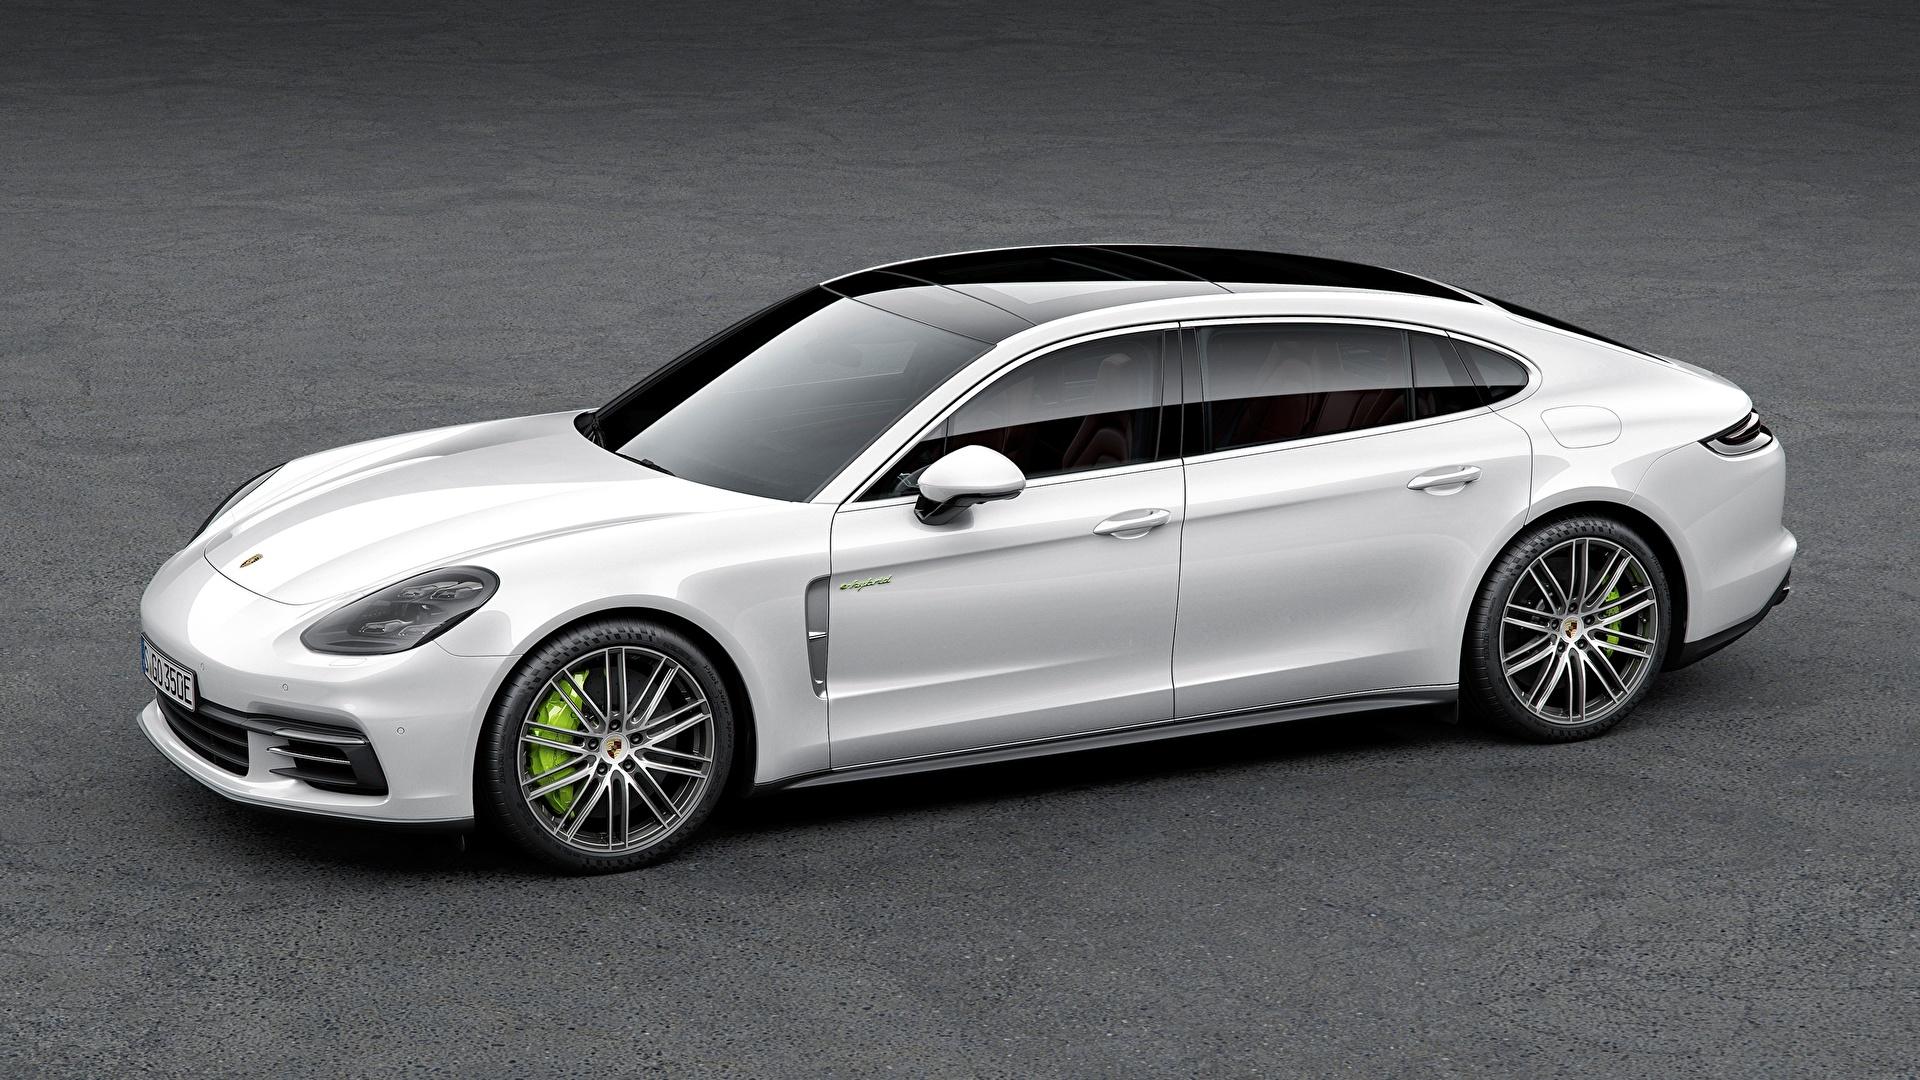 Обои для рабочего стола Порше Panamera 4, E-Hybrid Executive, 2016, Liftback Белый Сбоку автомобиль 1920x1080 Porsche белая белые белых авто машины машина Автомобили